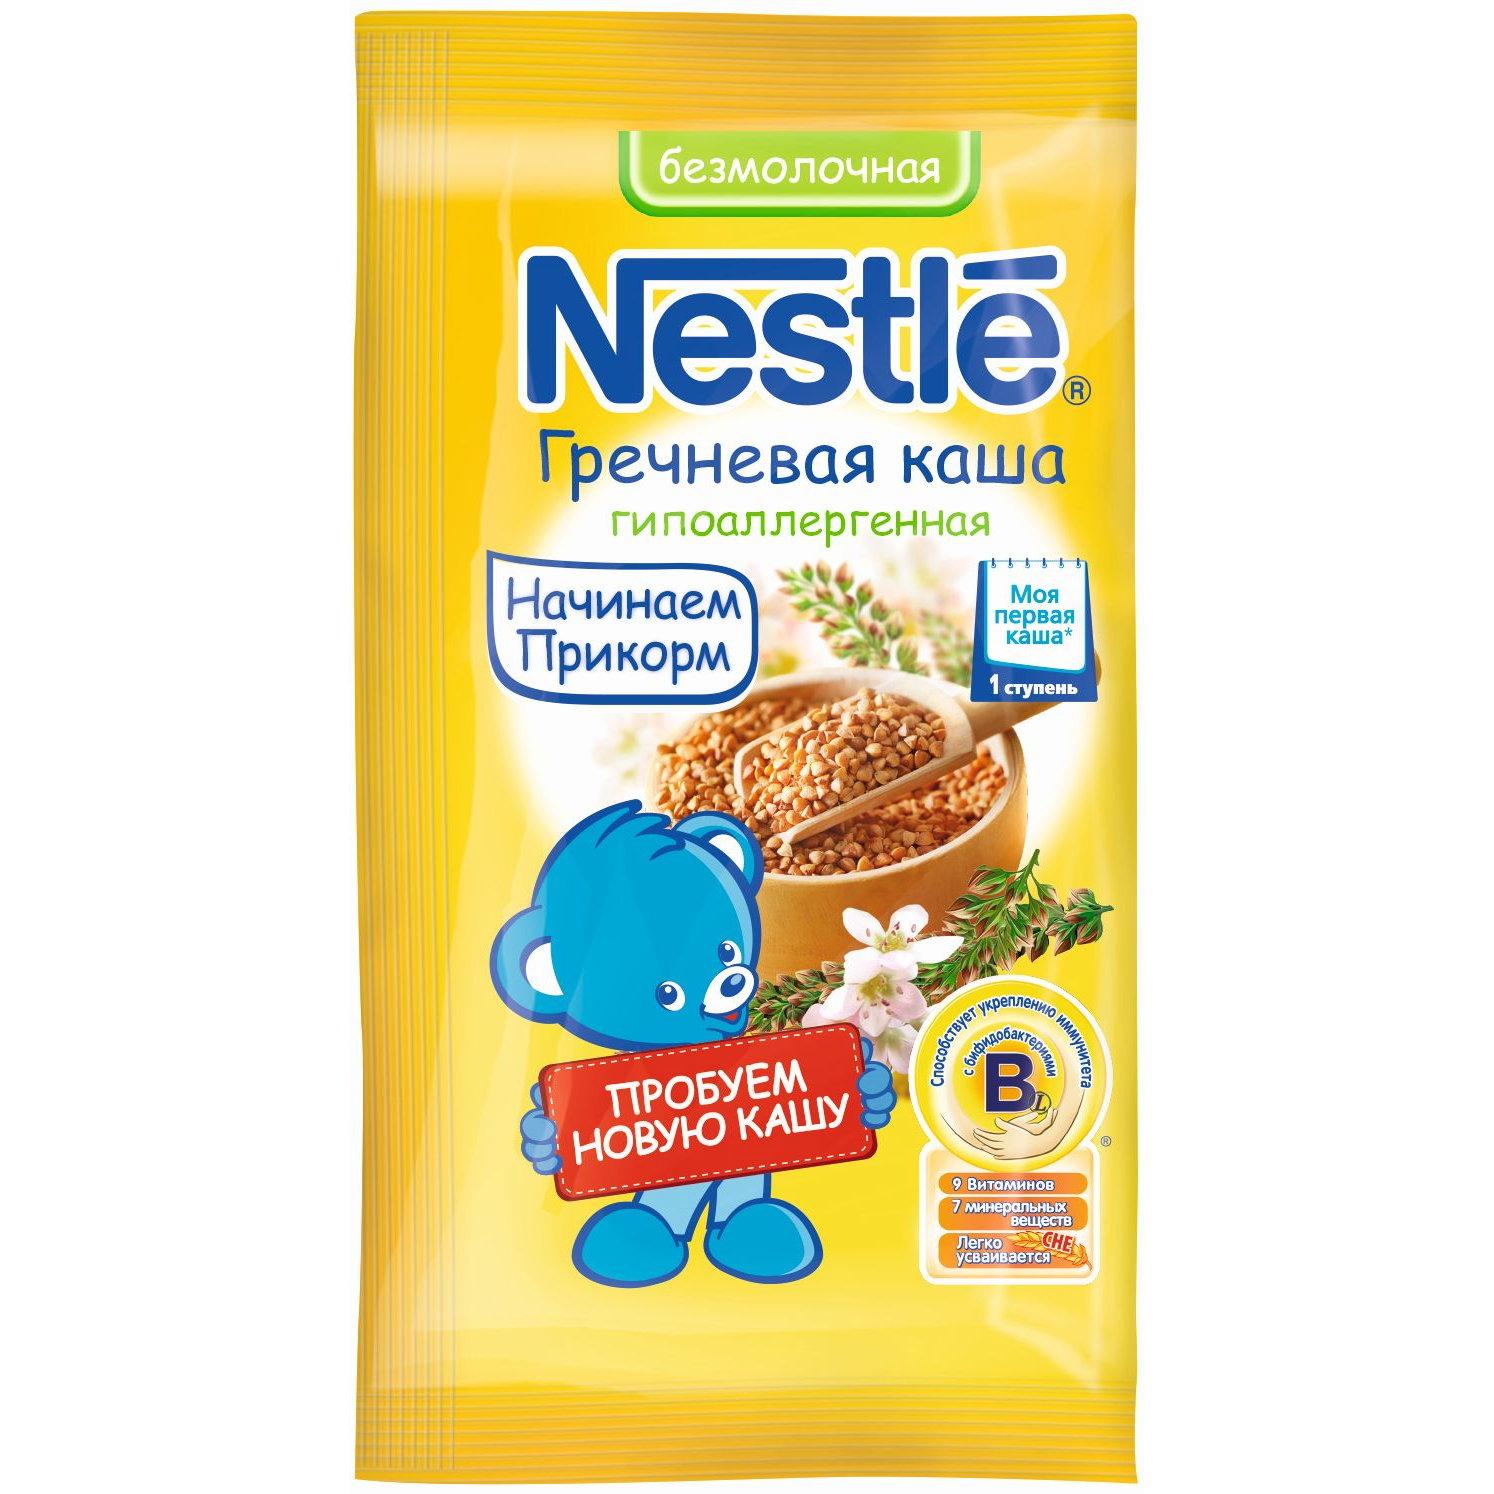 Каша Nestle безмолочная 20 гр Гречневая (1 ступень)<br>